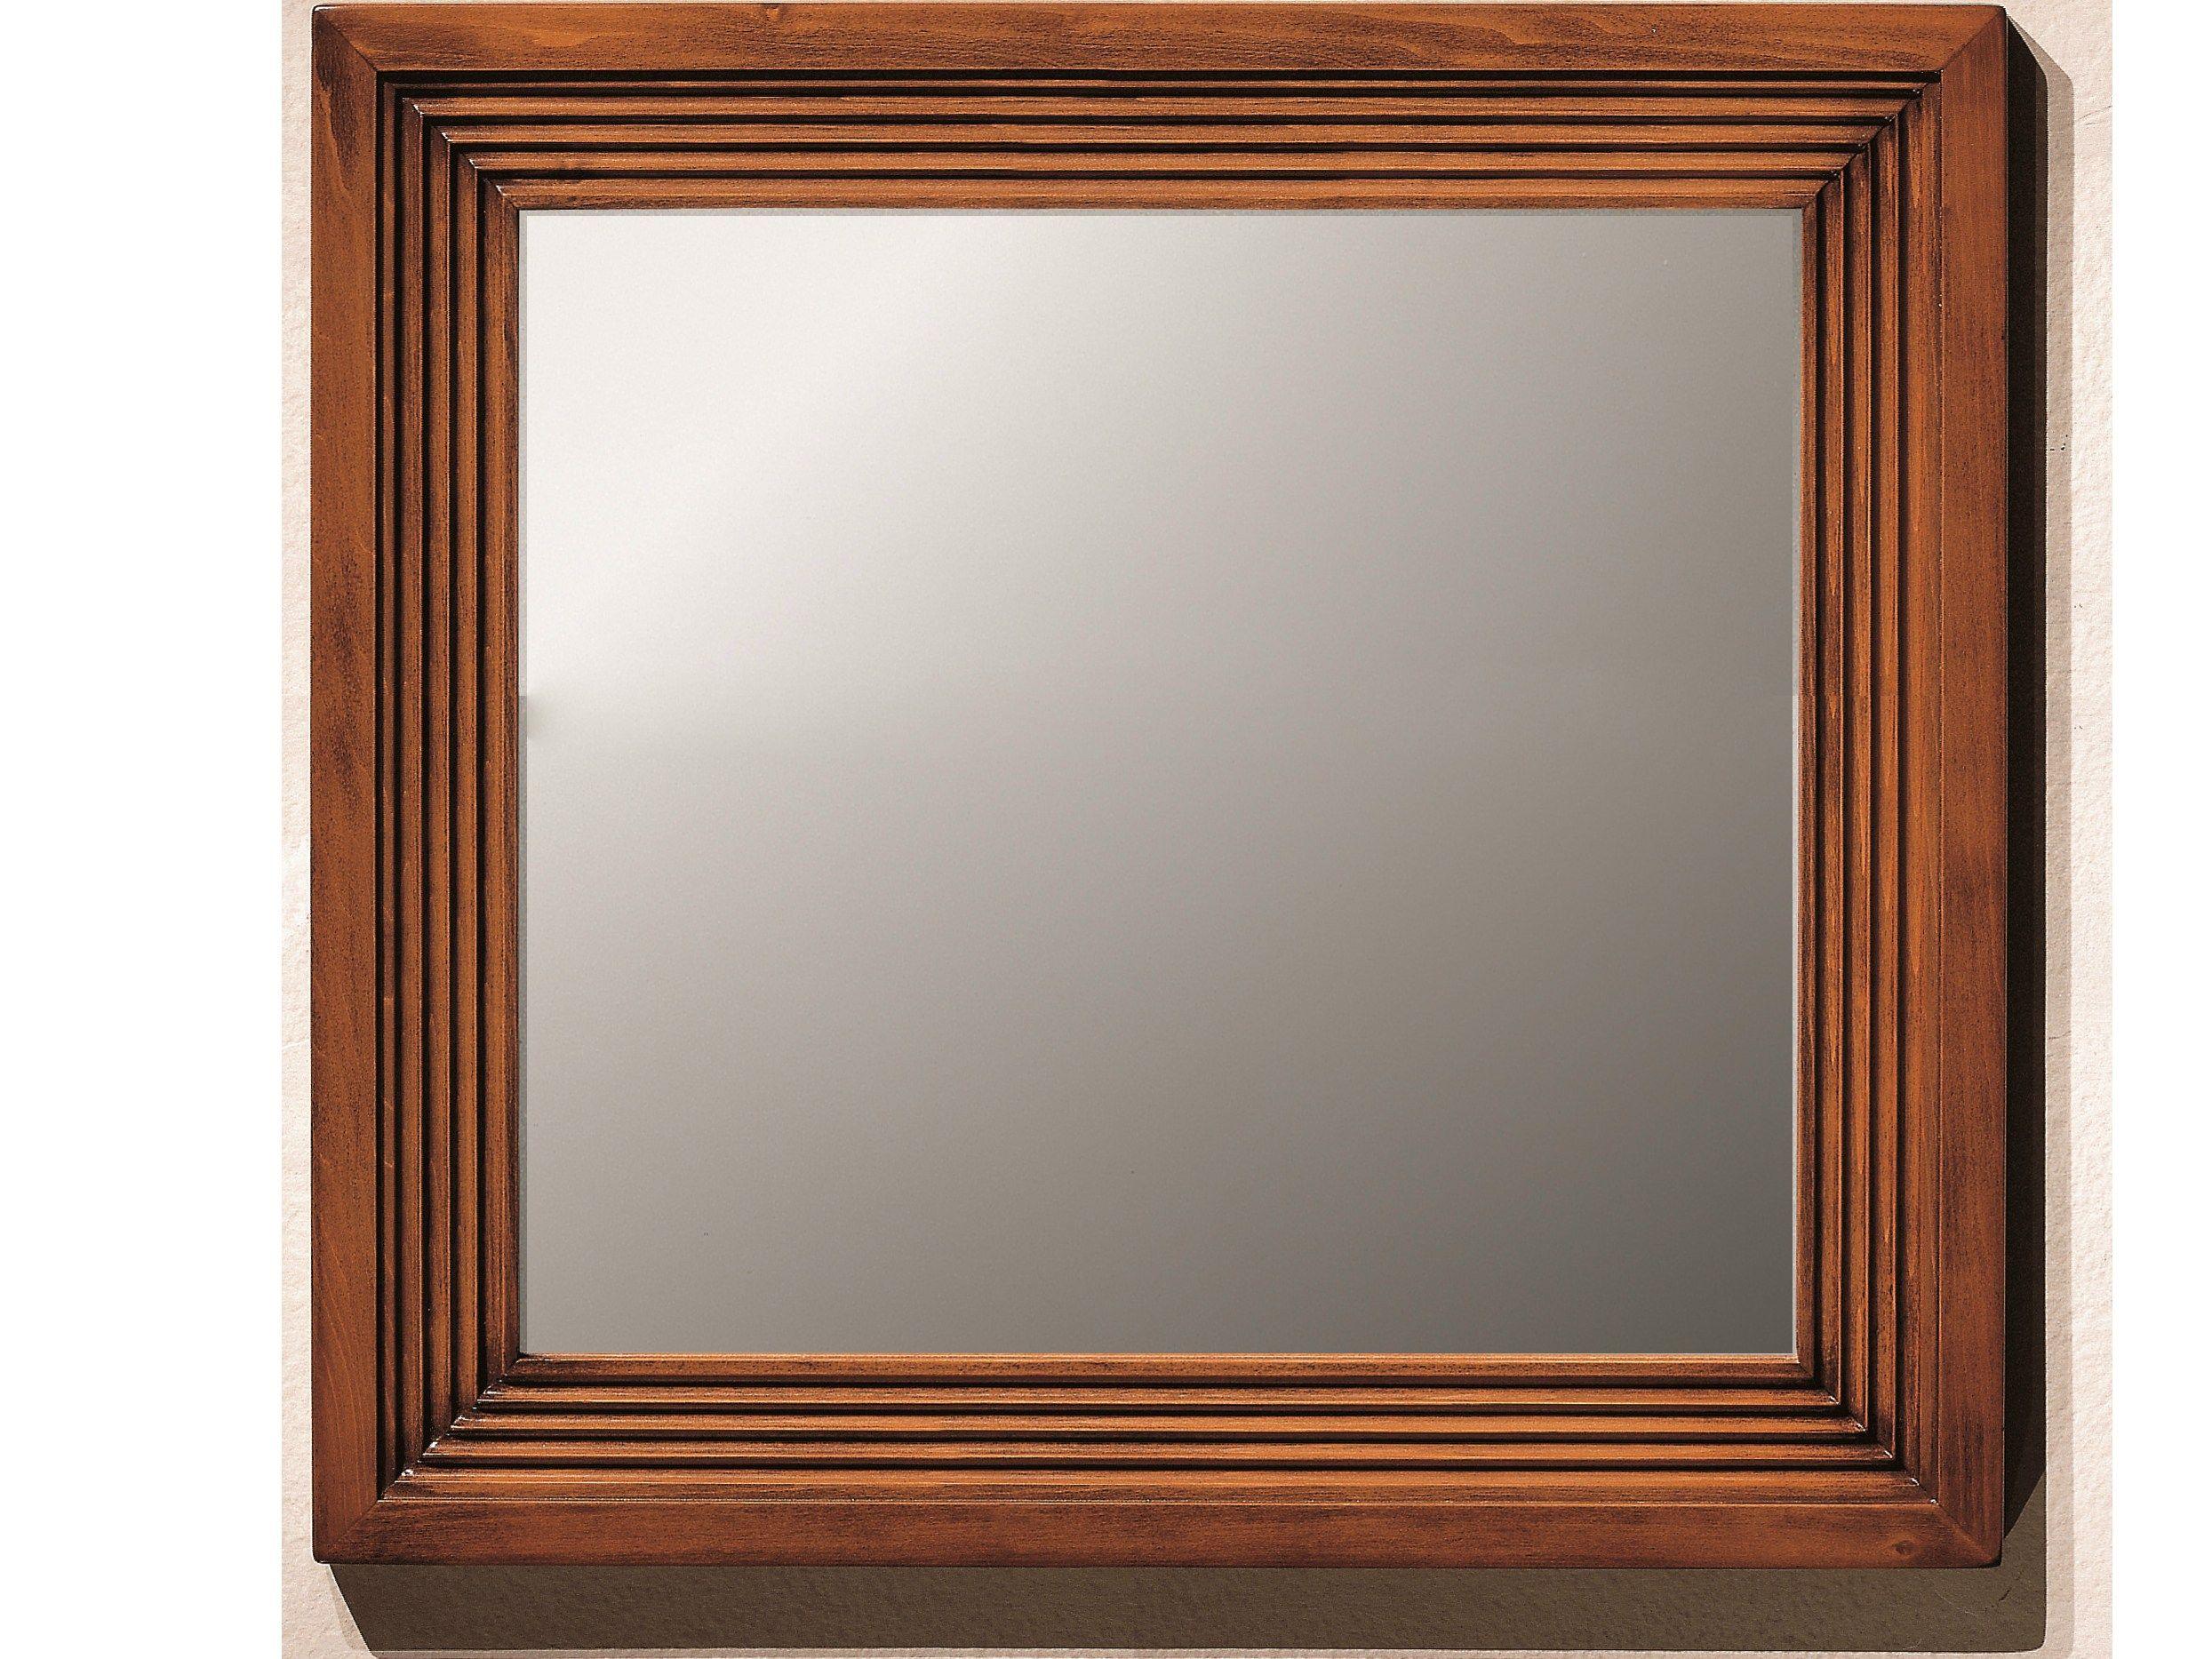 Espejo cuadrado de pared con marco colecci n direttorio by for Espejo cuadrado sin marco